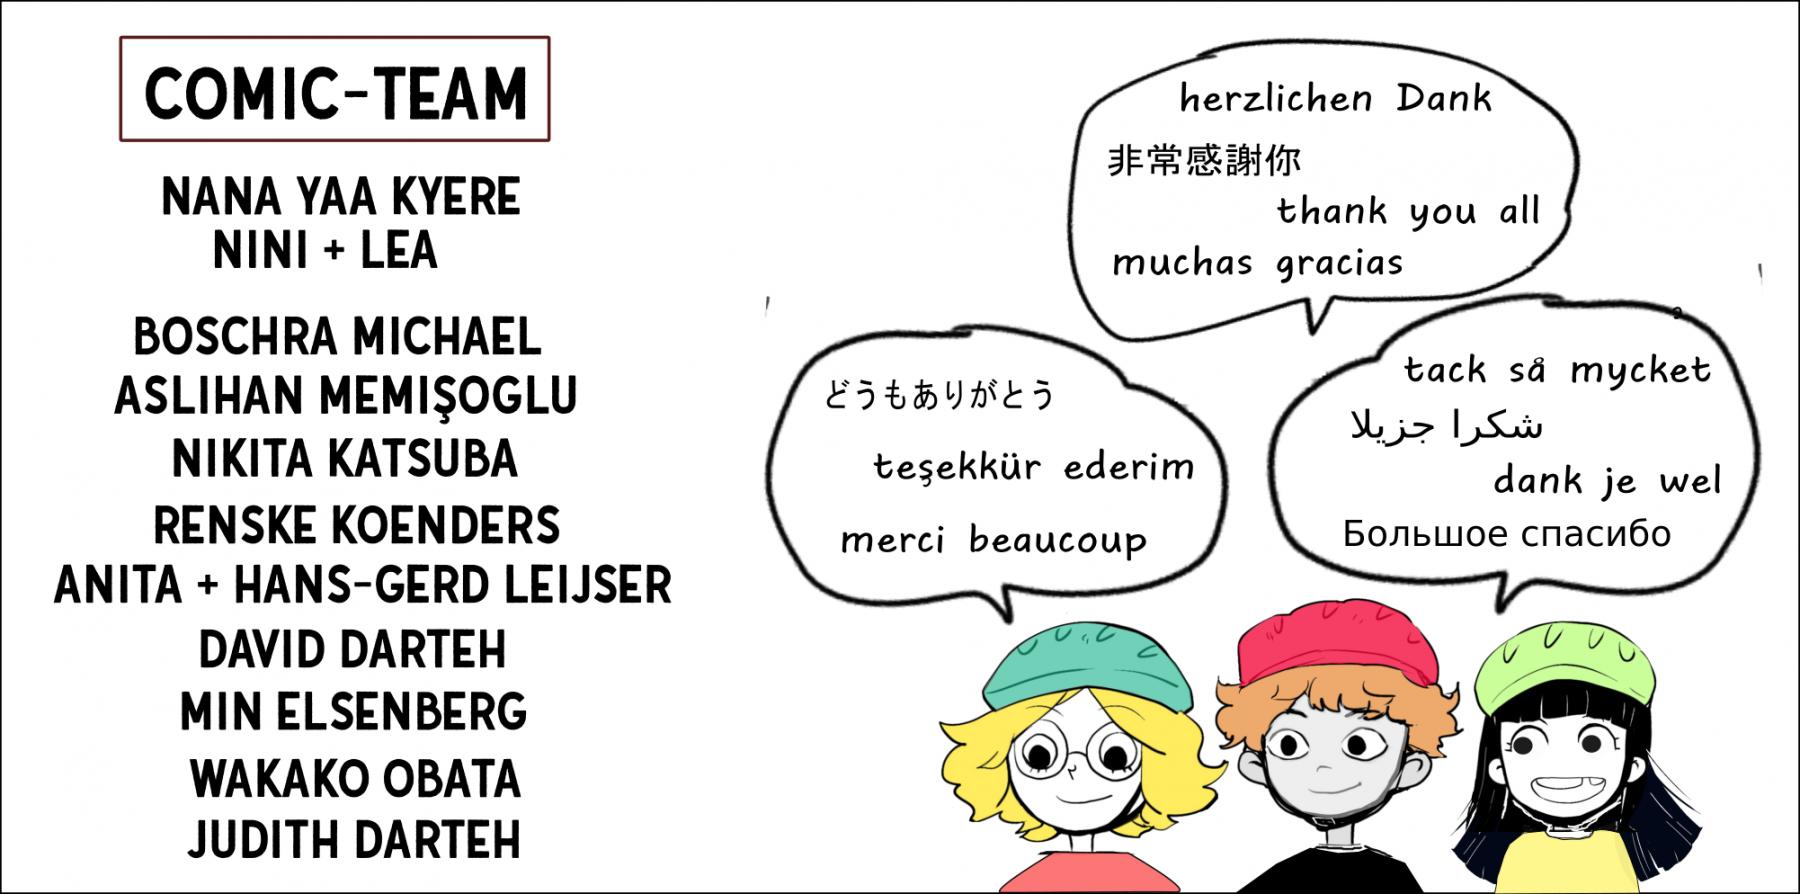 ZZ_14_Comic-Team_1000_mm